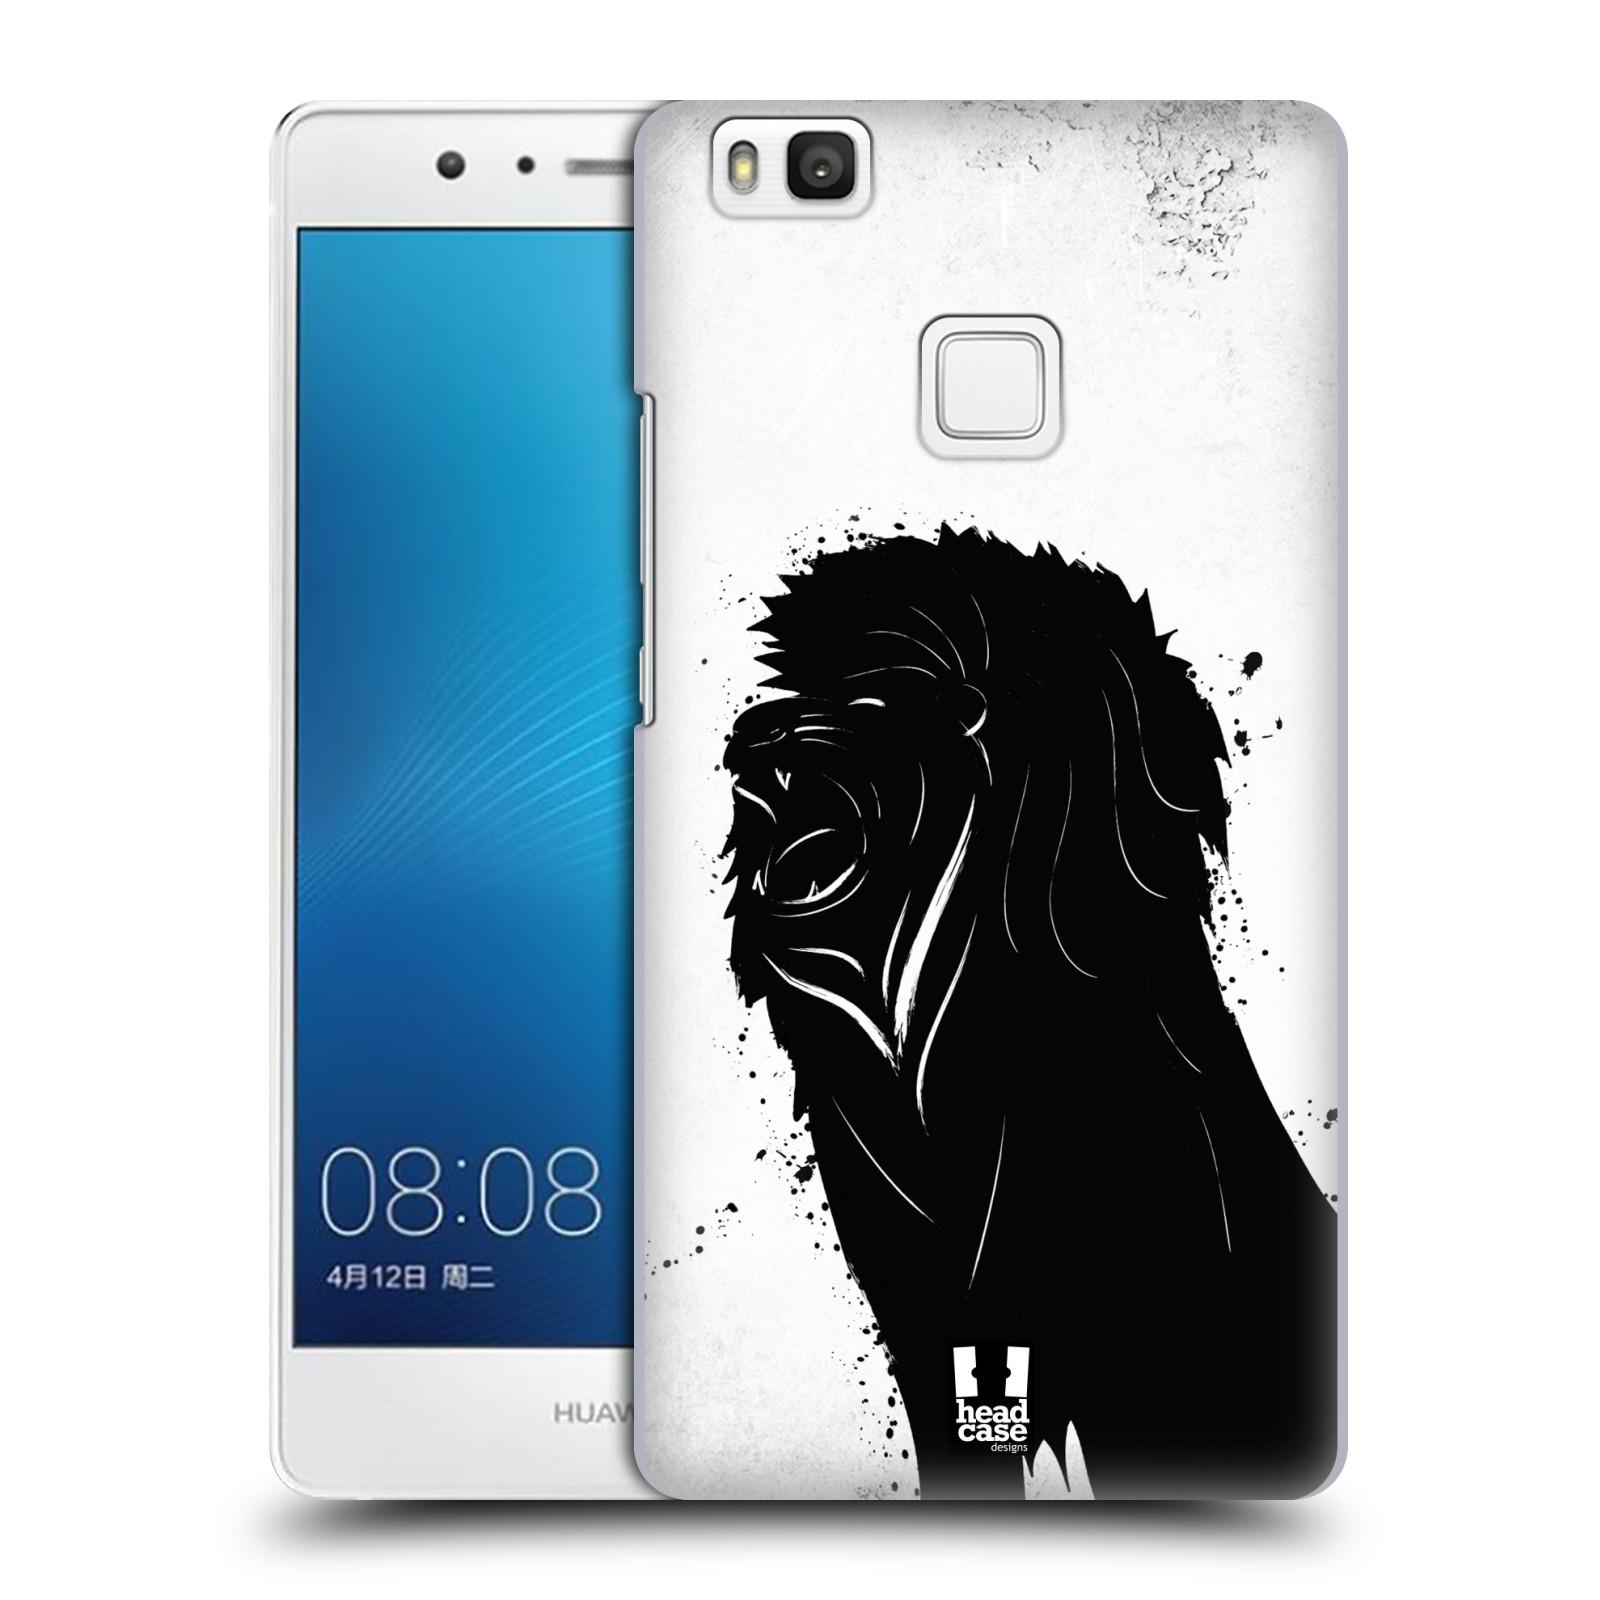 HEAD CASE plastový obal na mobil Huawei P9 LITE / P9 LITE DUAL SIM vzor Kresba tuš zvíře lev